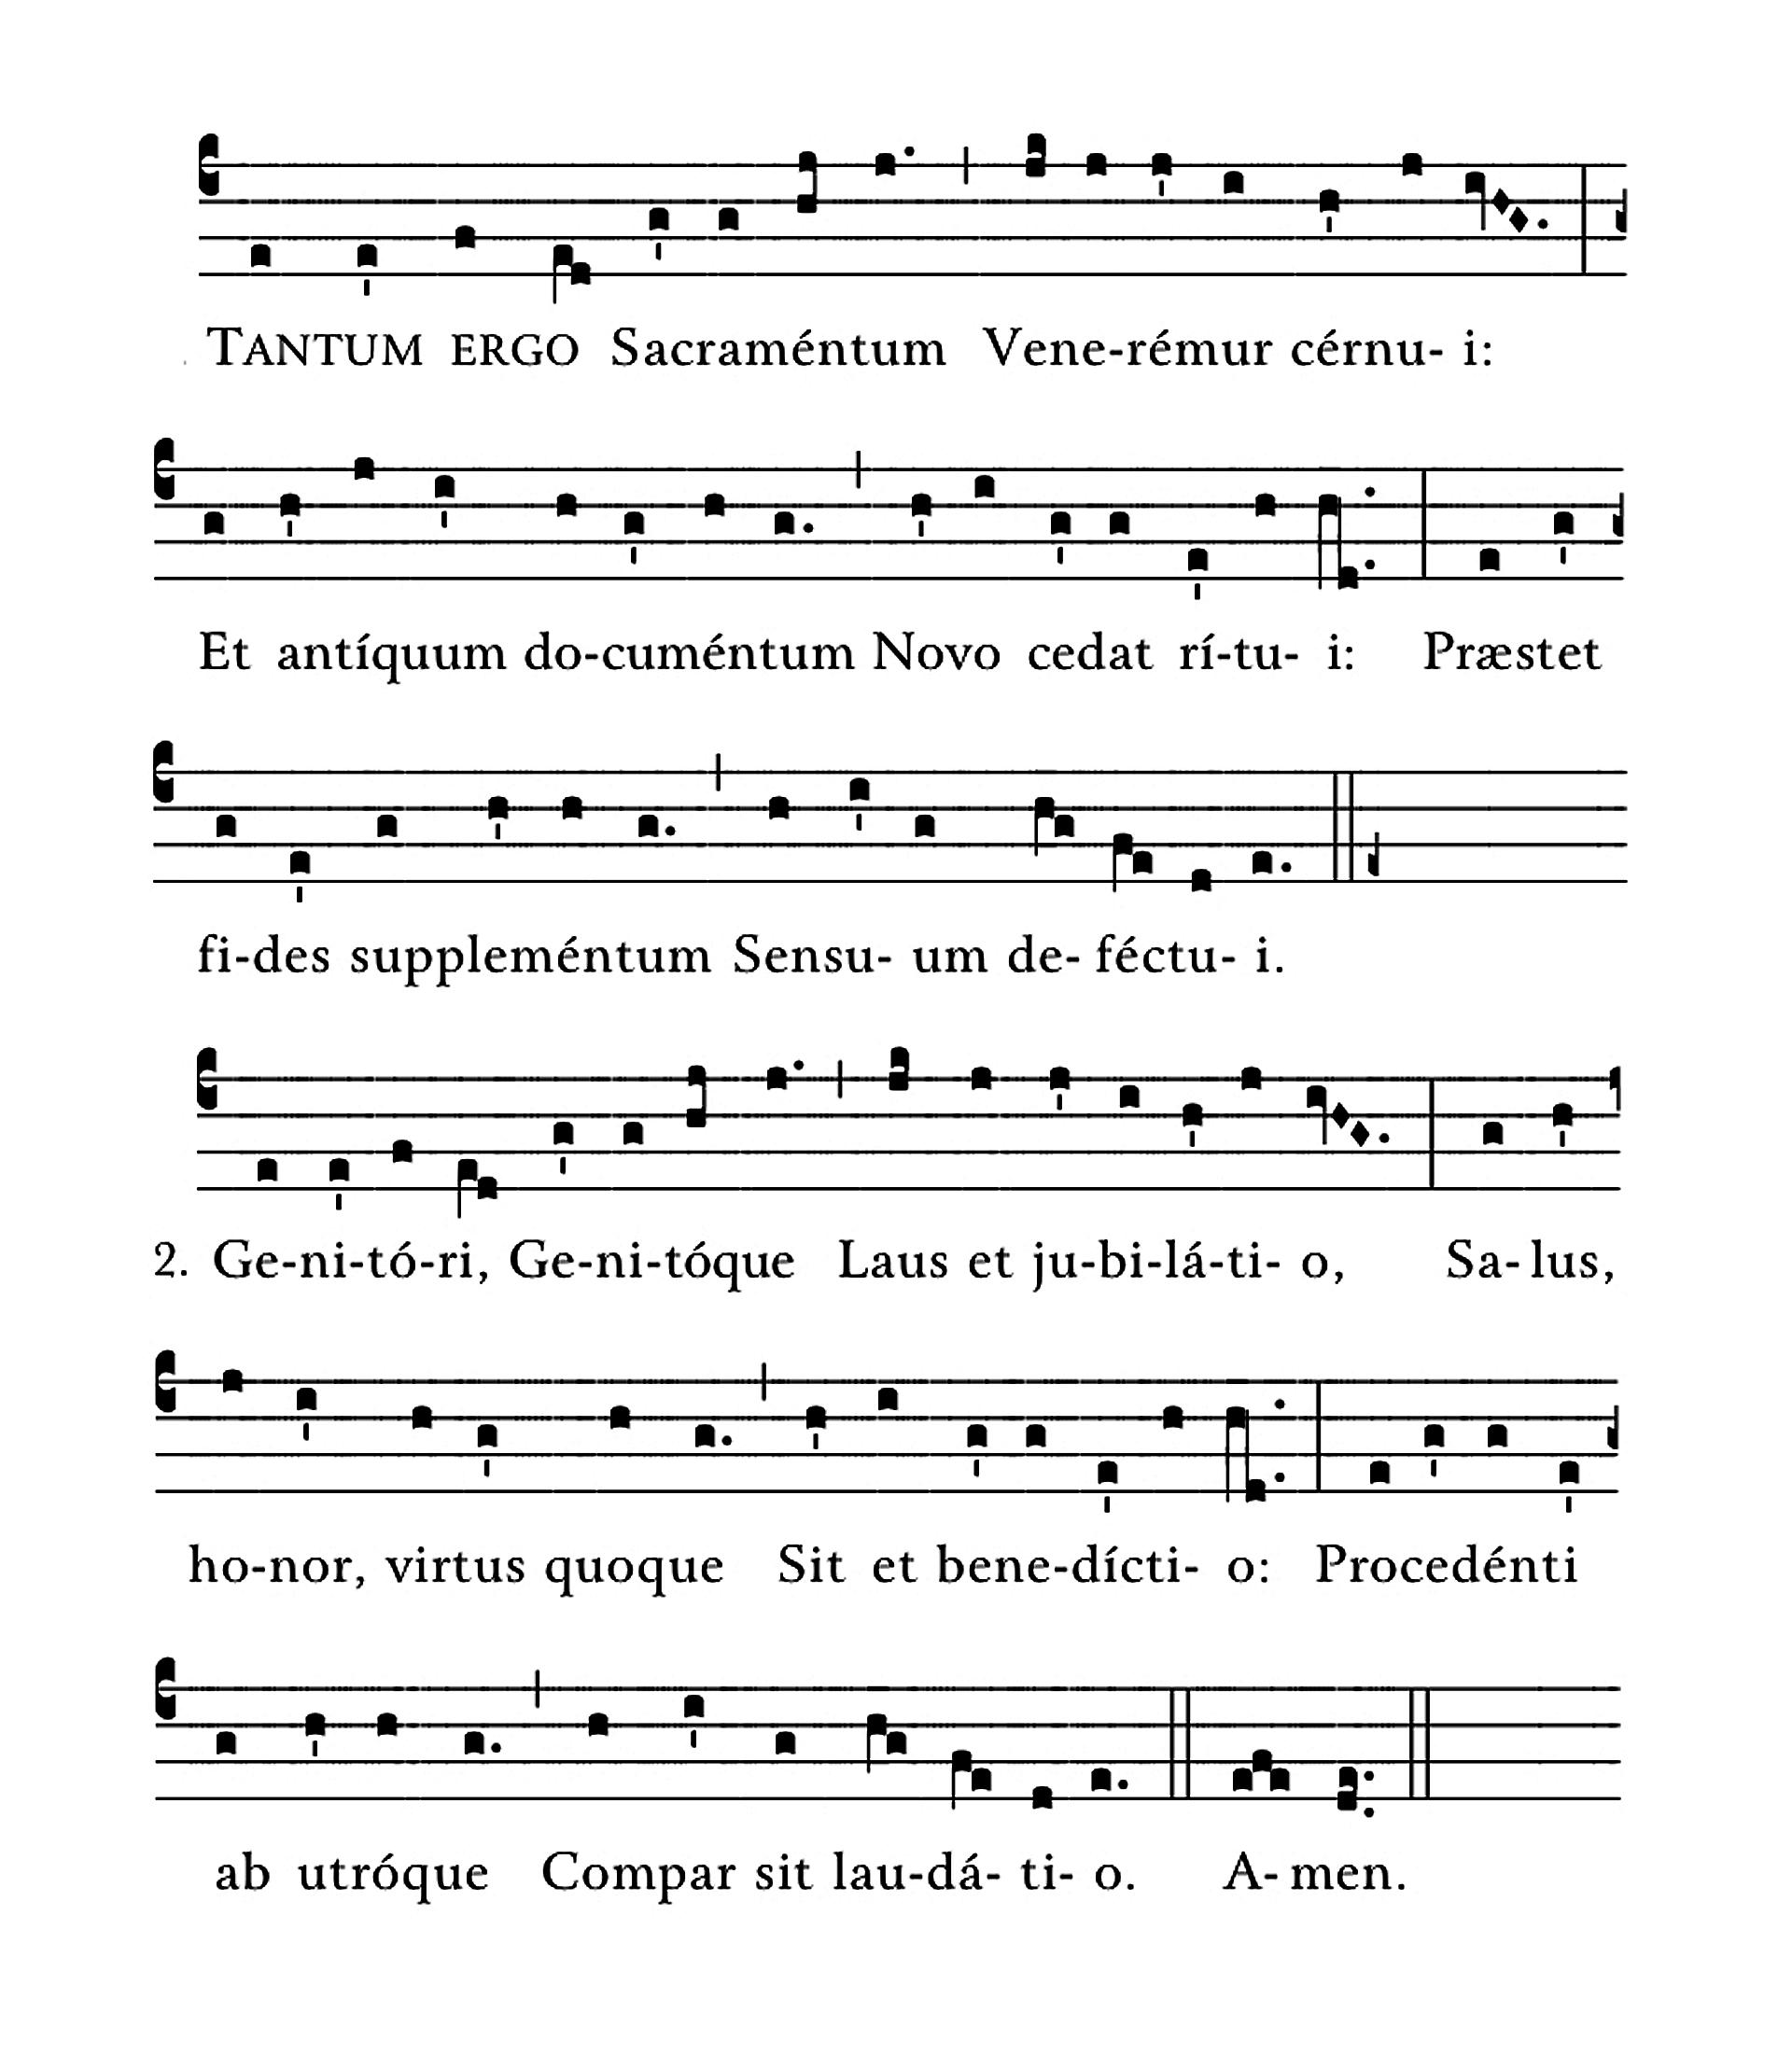 Tantum ergo sacramentum - notation